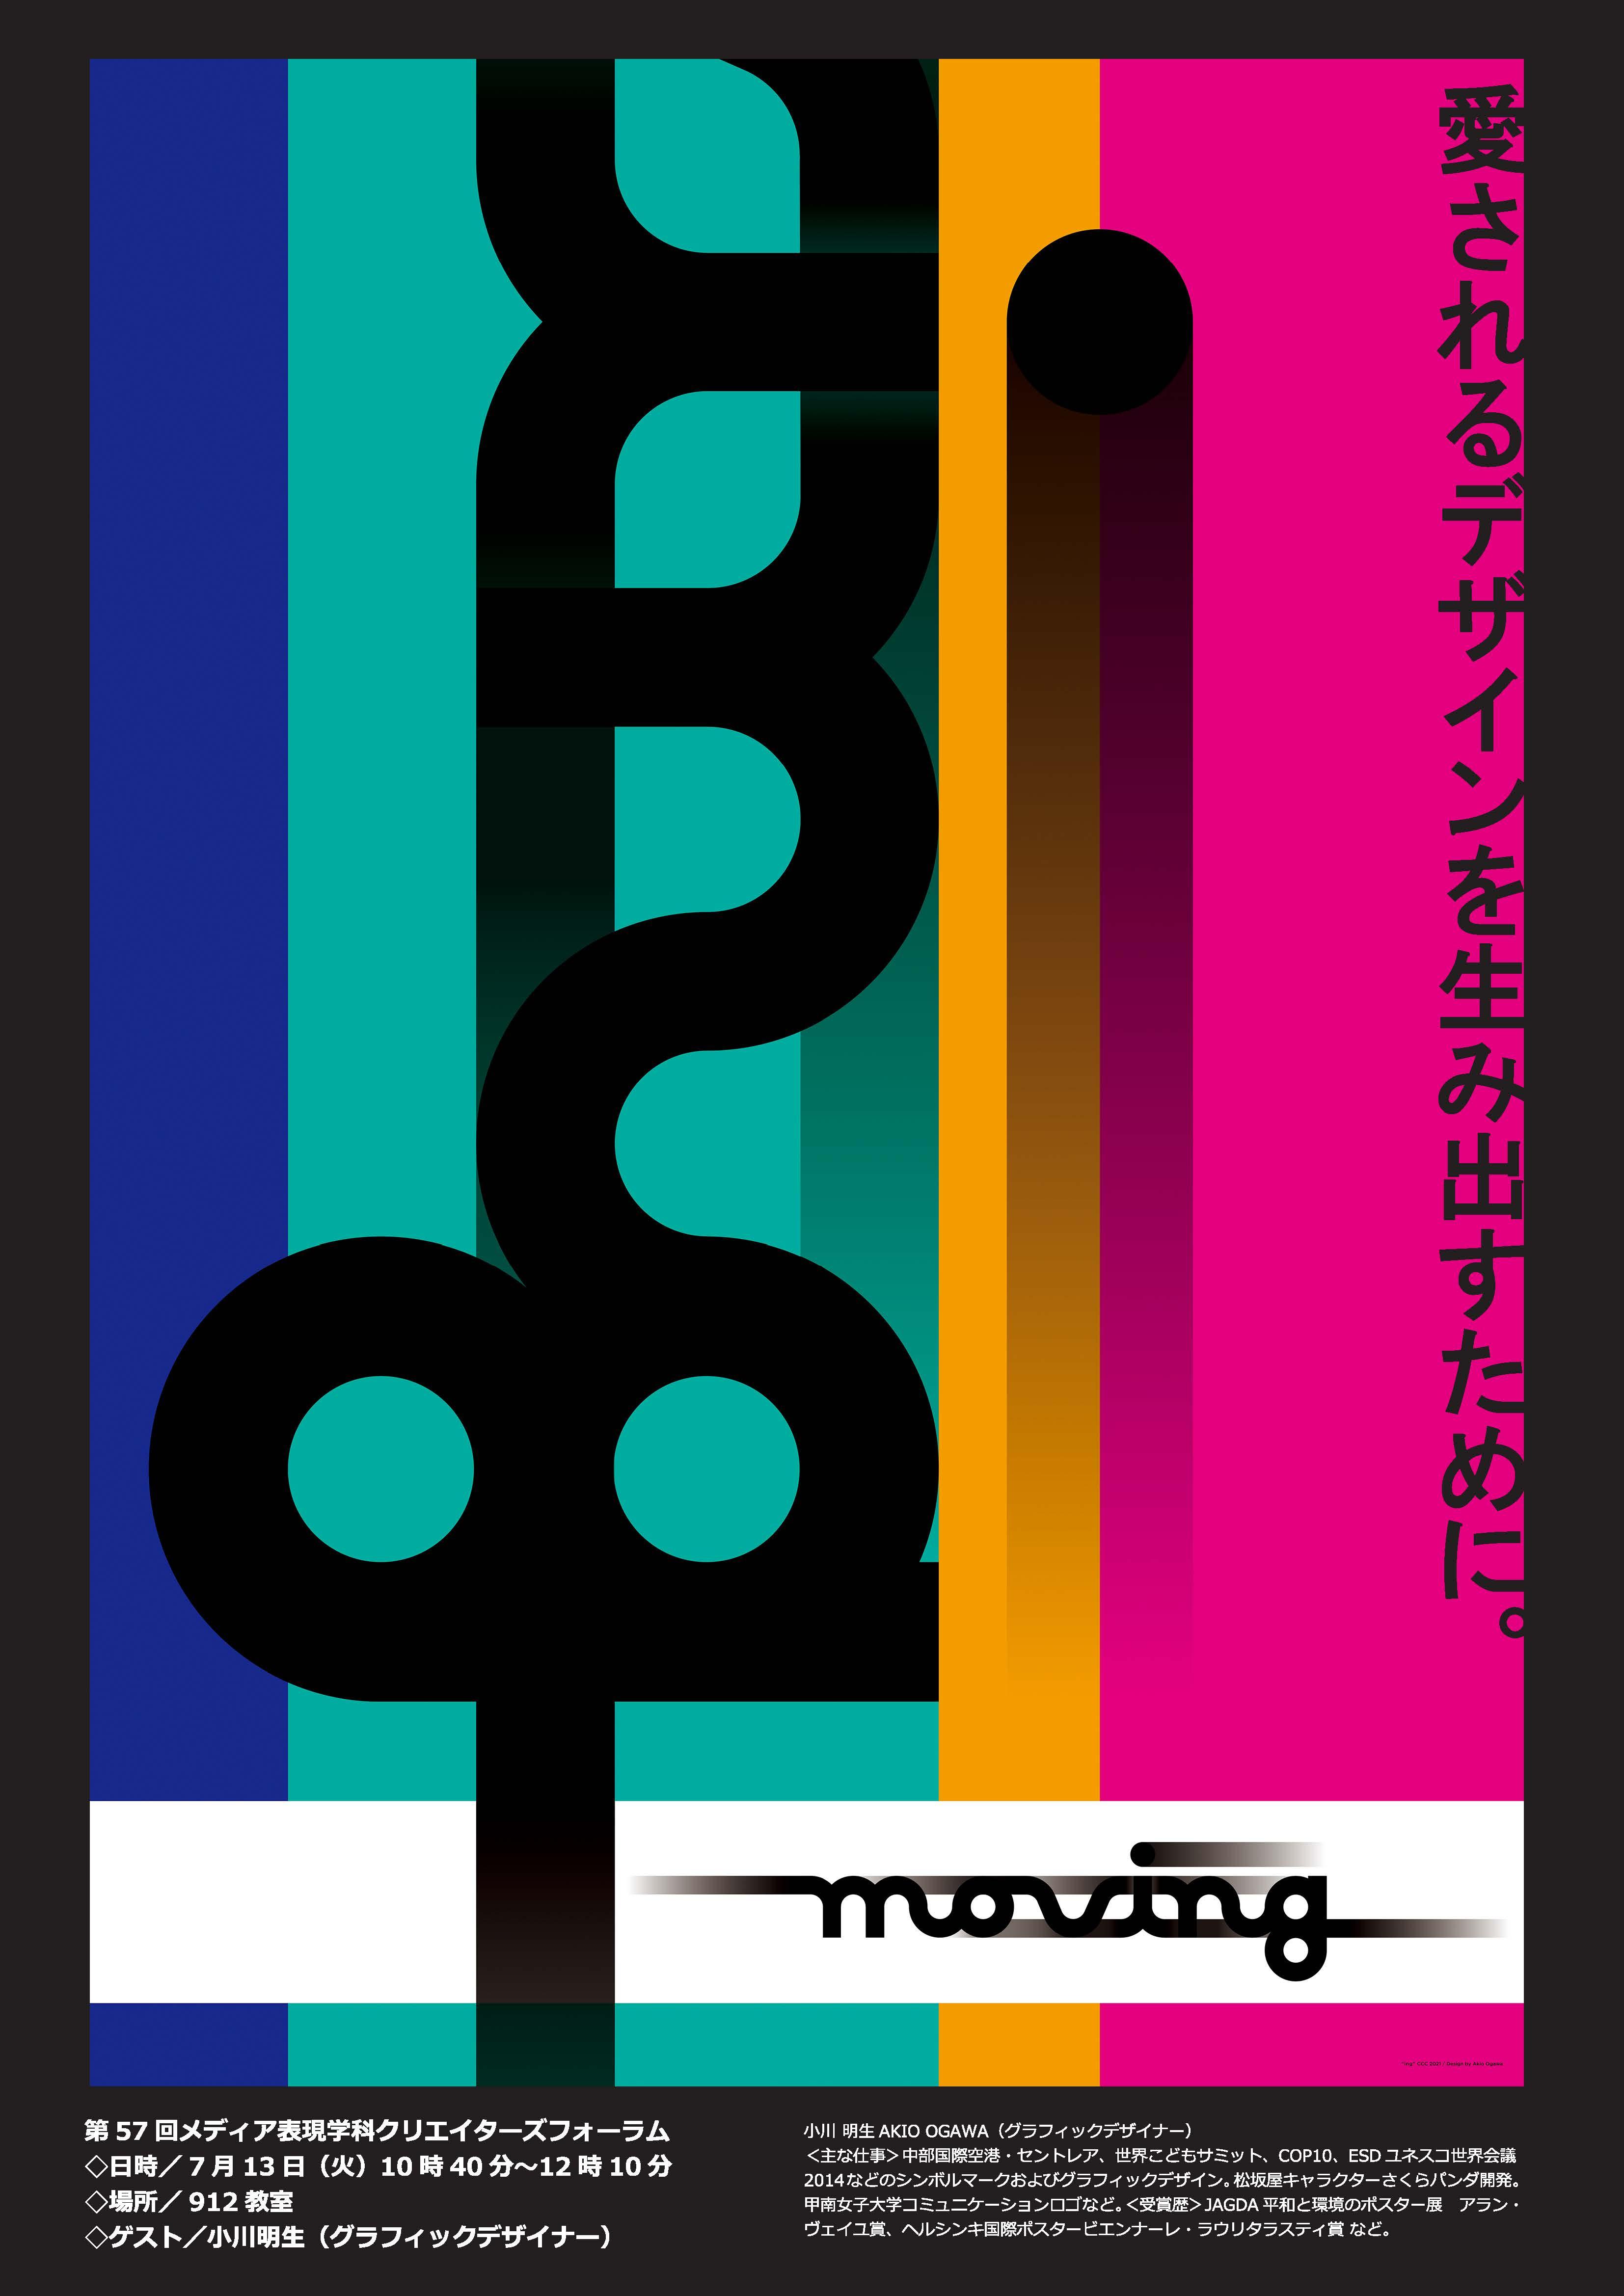 第57回クリエーターズフォーラム「愛されるデザイン/ロゴって何だろう」